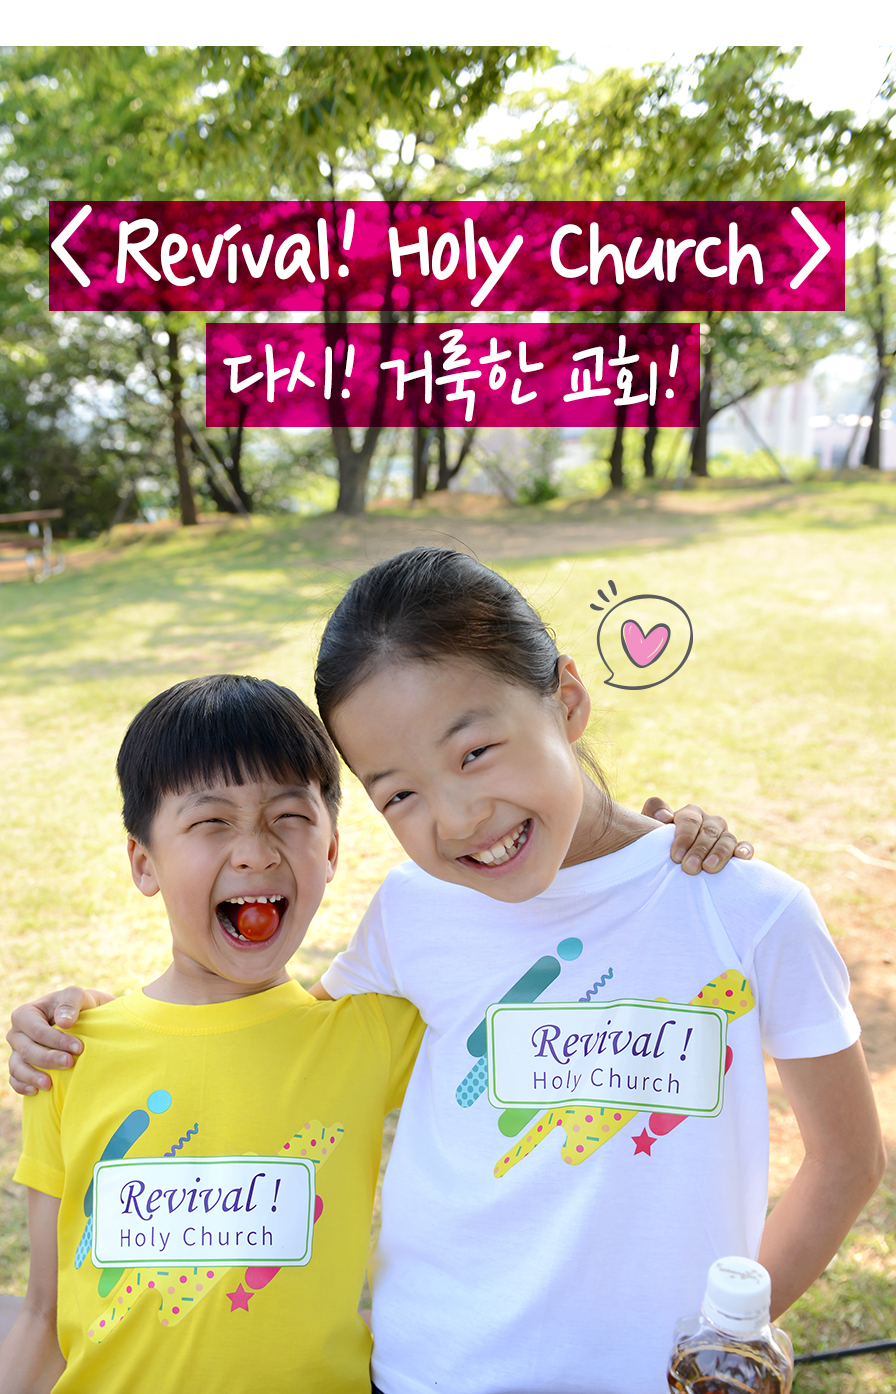 교회단체티 Revival! Holy Church 다시 거룩한 교회로